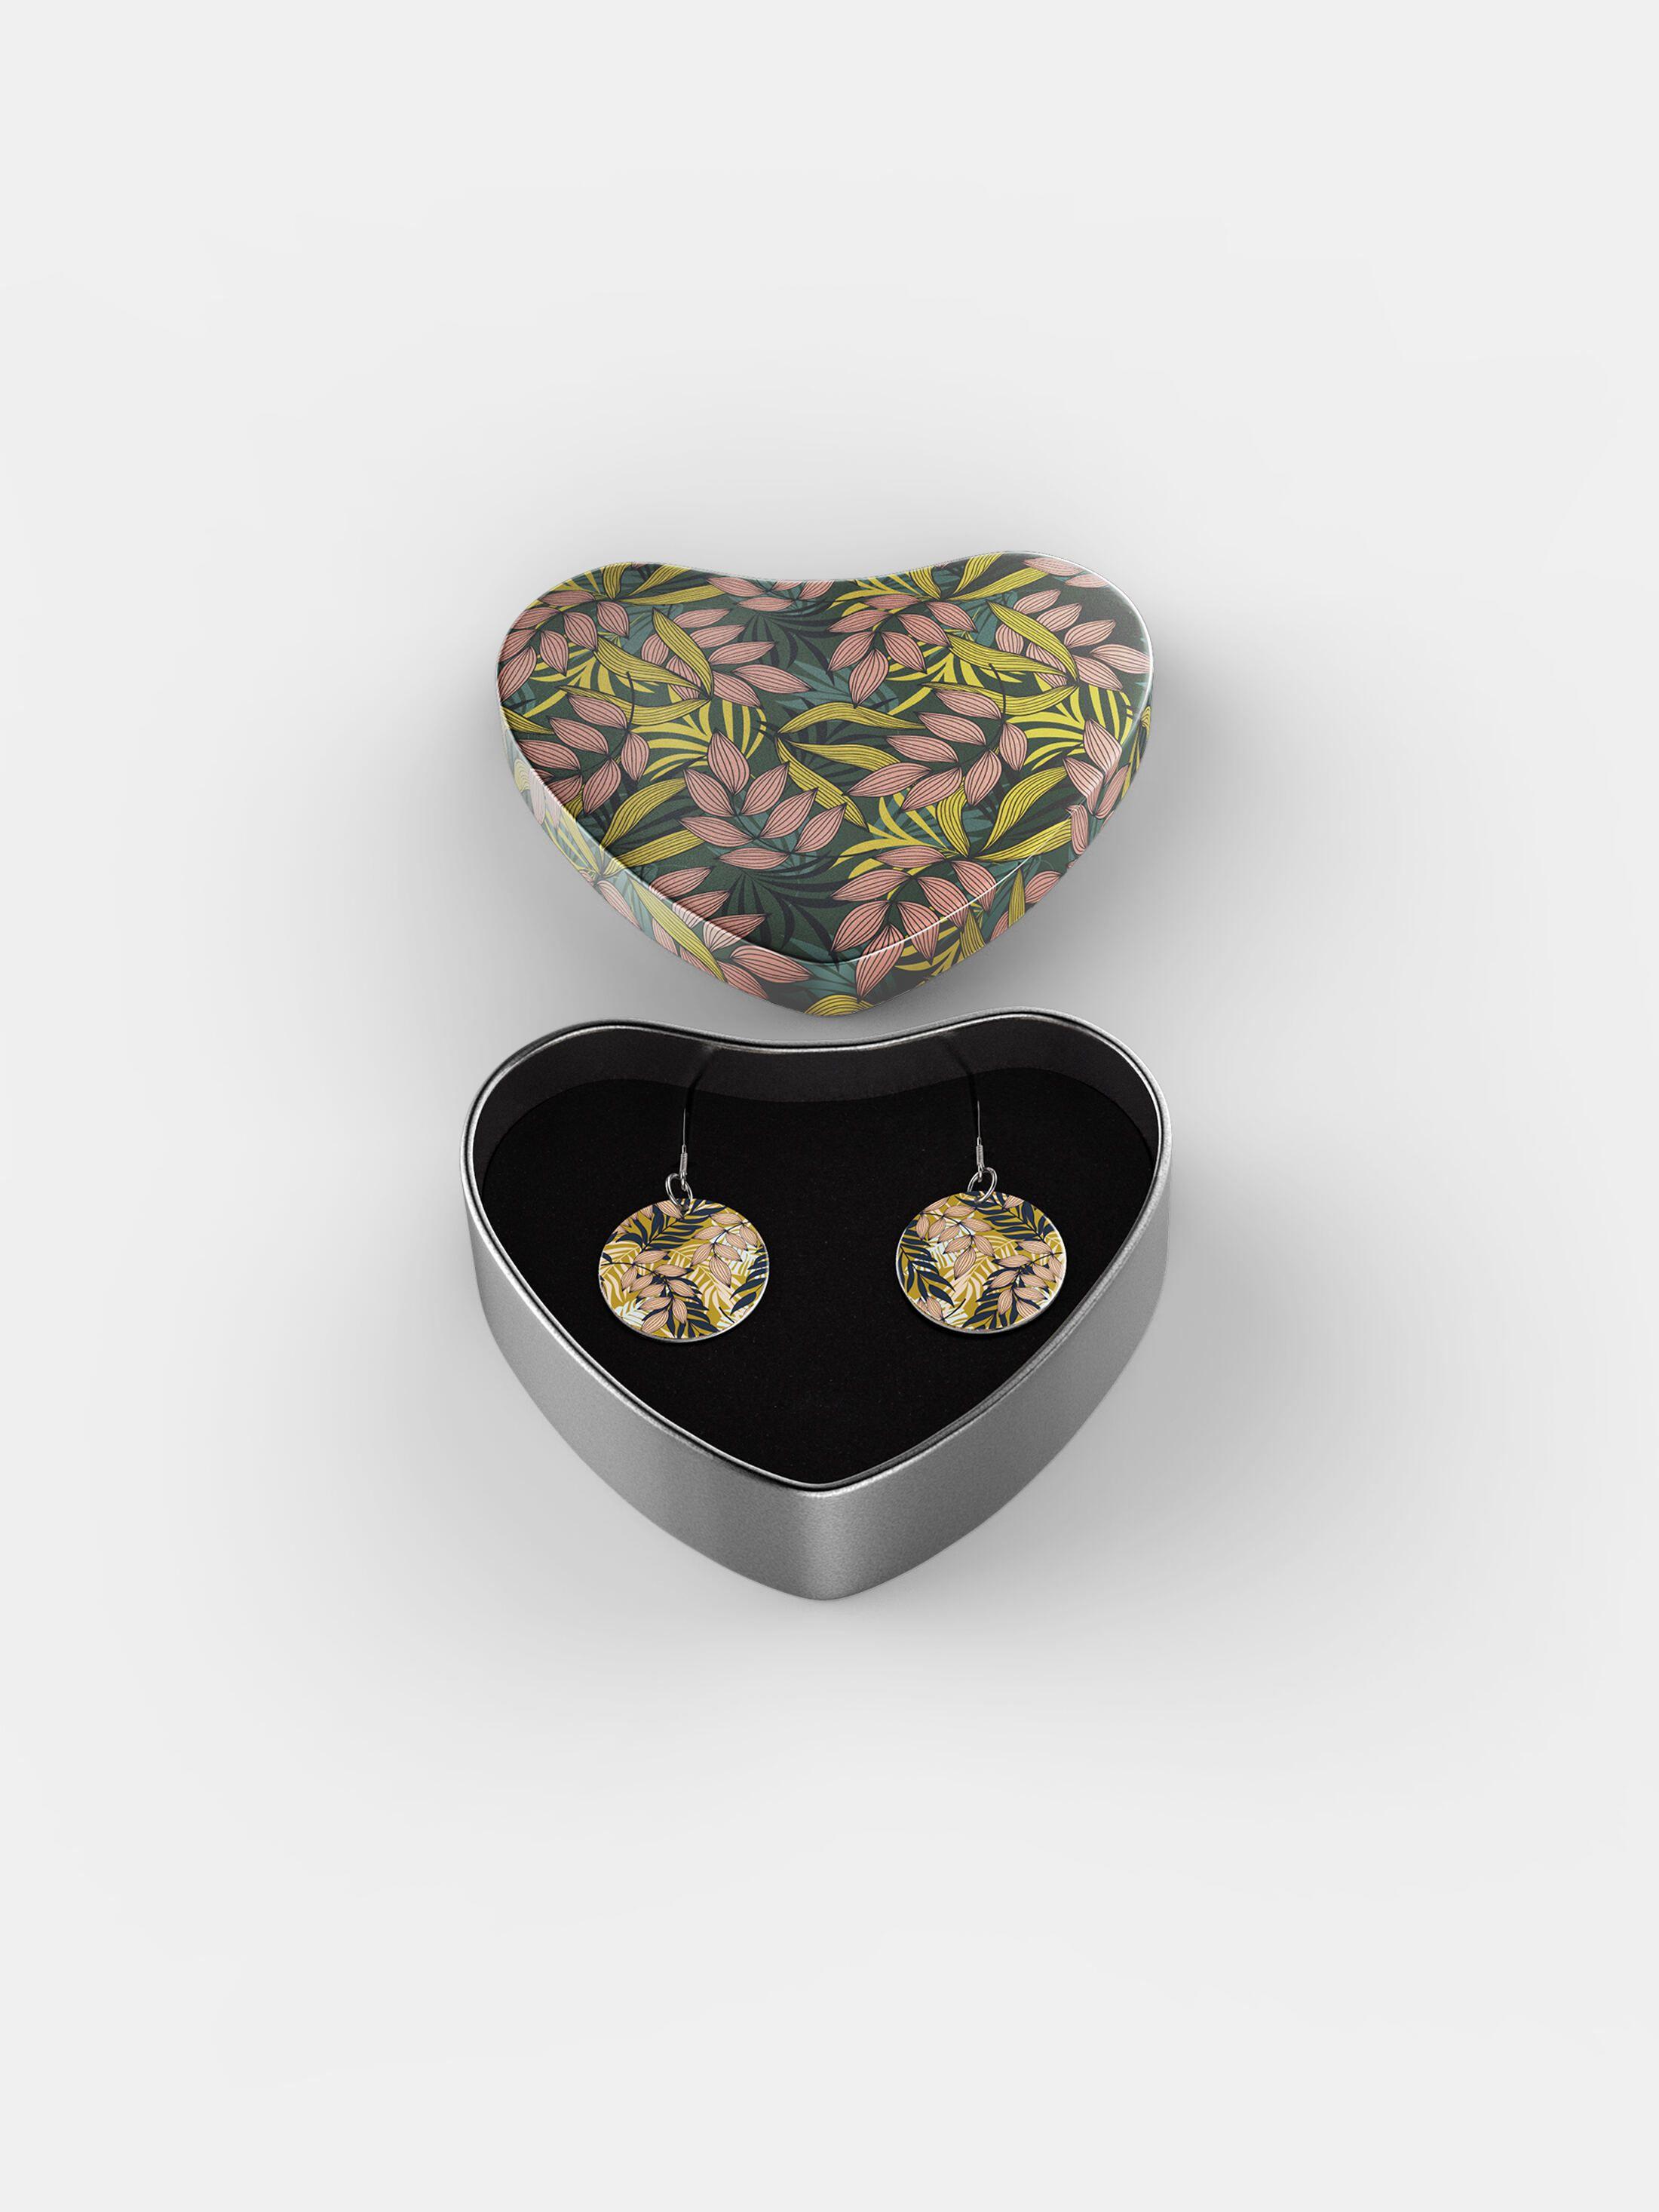 bespoke silver earrings UK